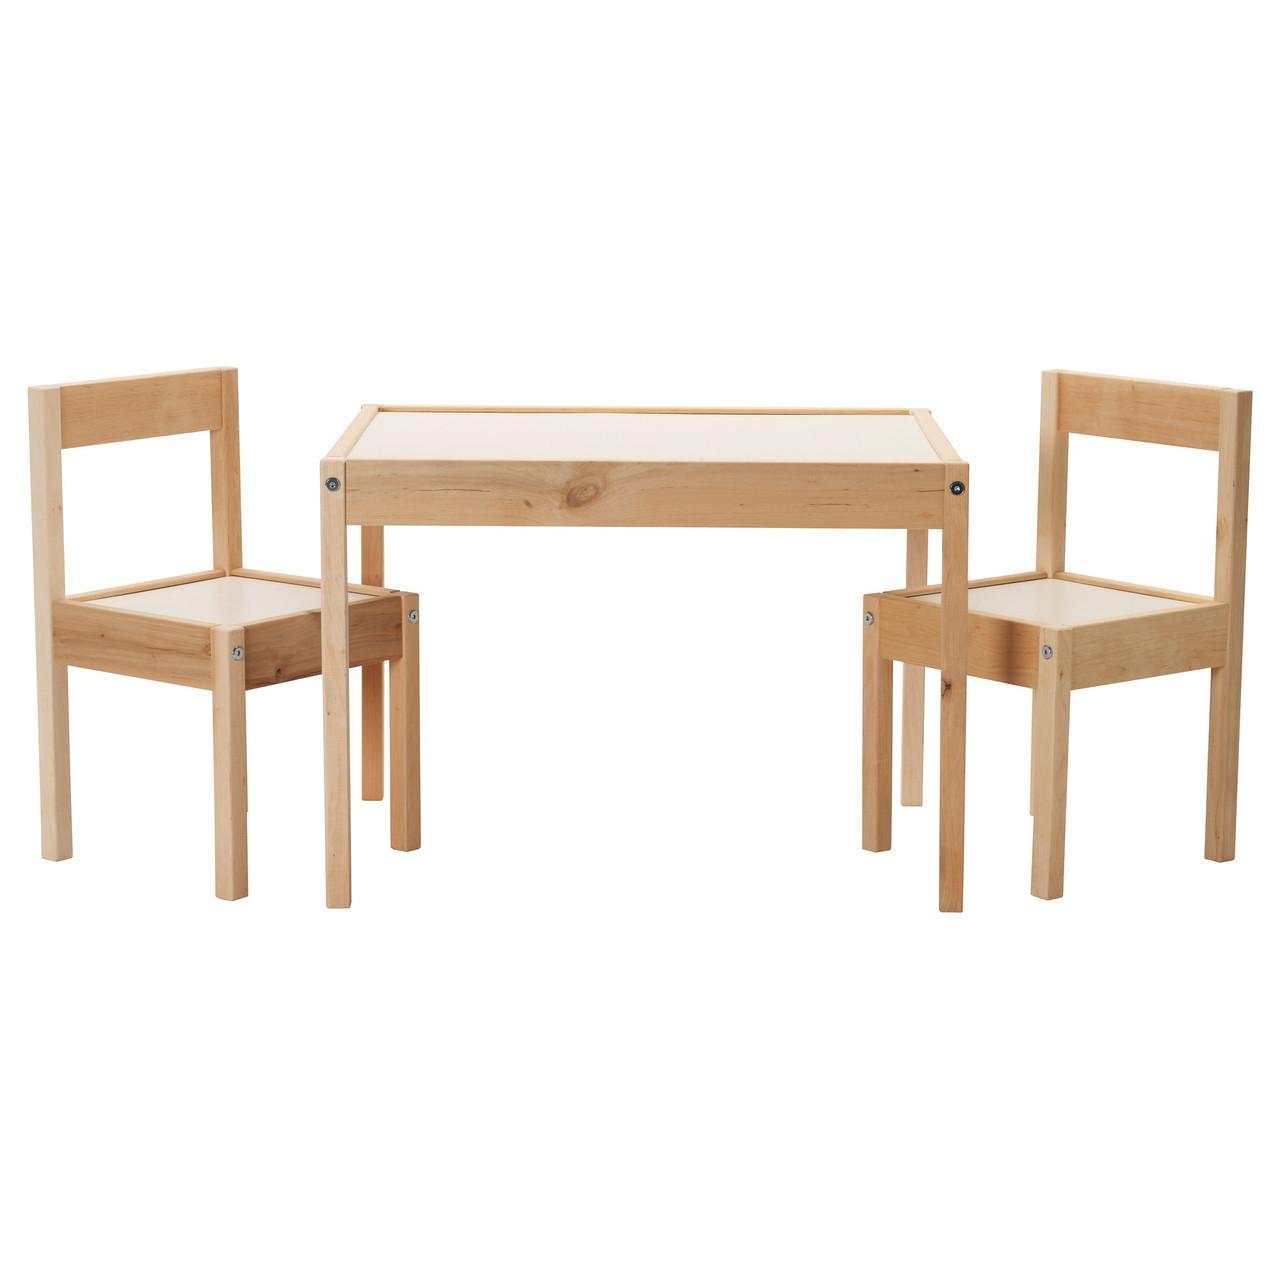 Столик детский LÄTT и 2 стула, белый, сосна, IKEA, 501.784.11